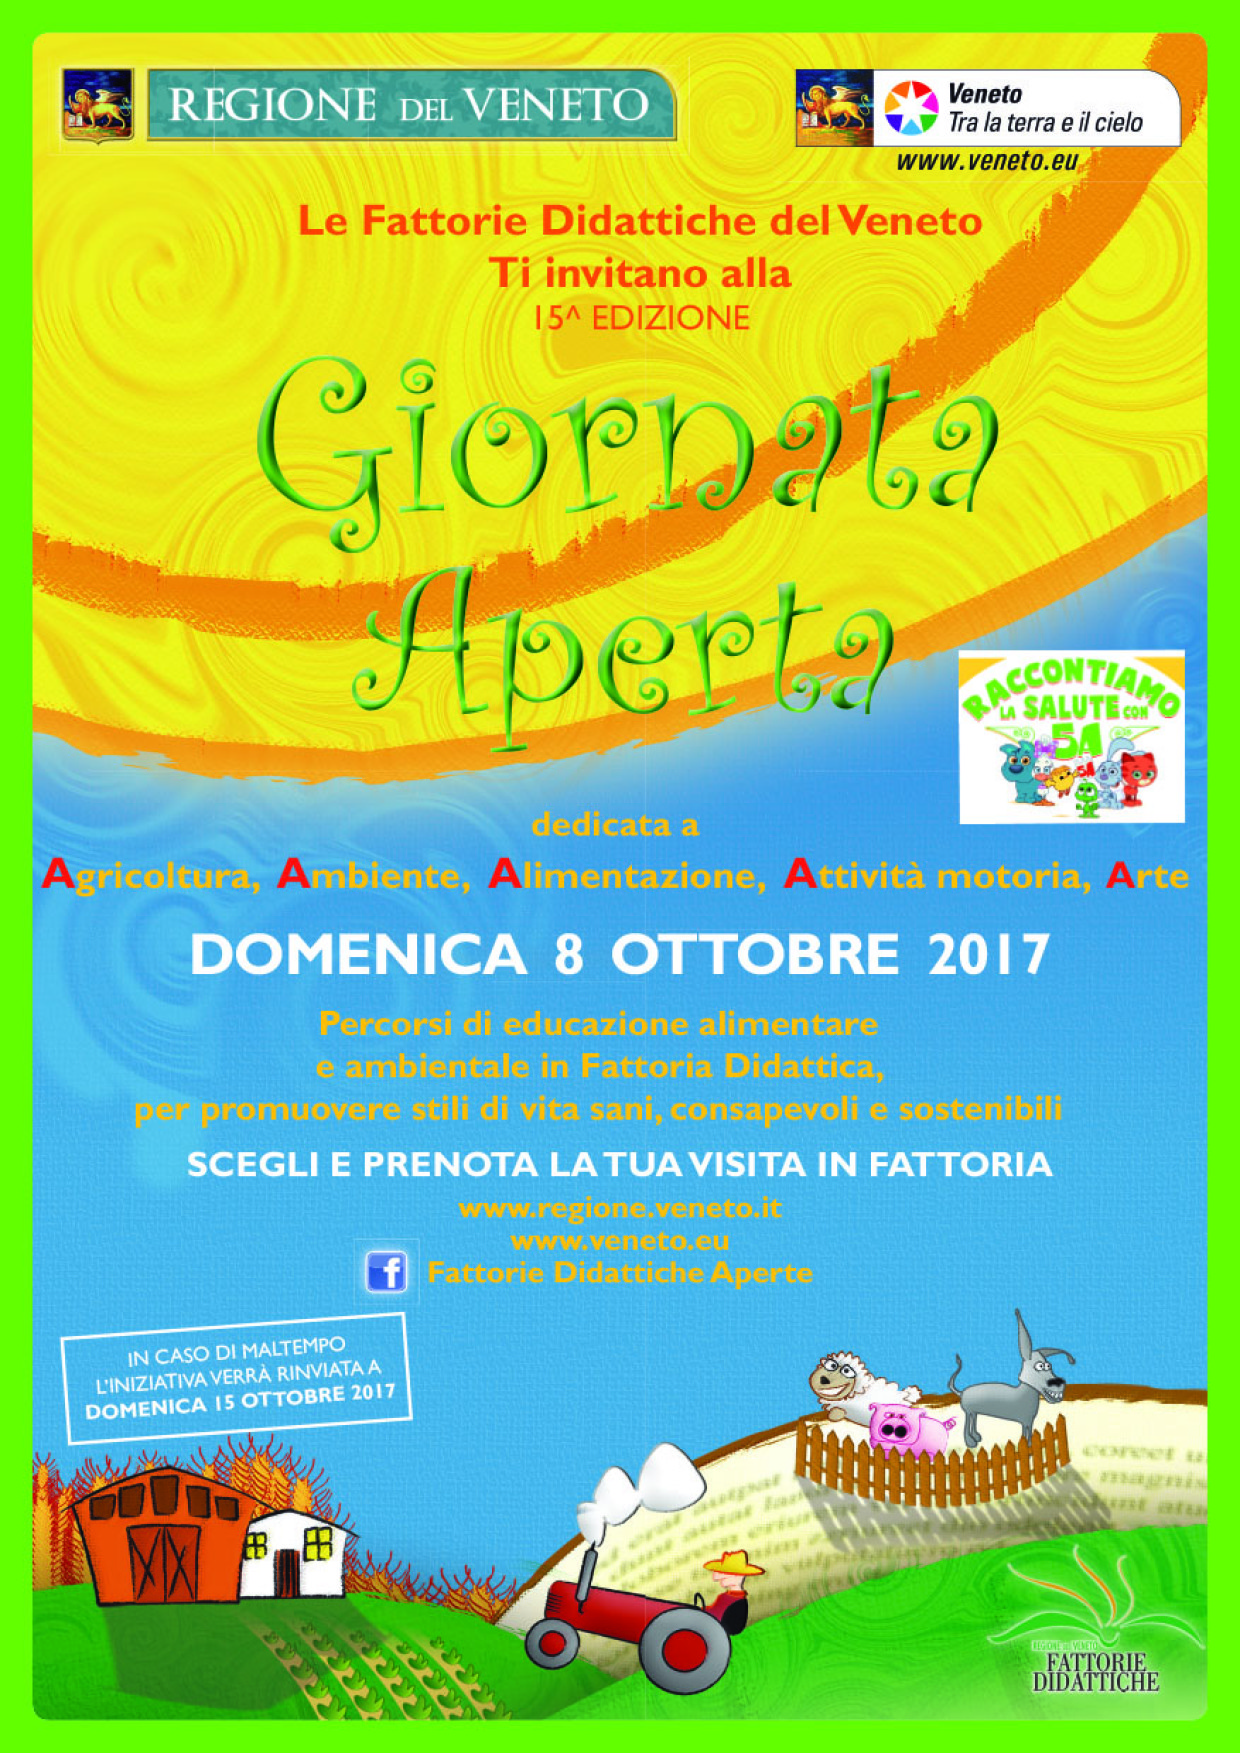 Fattorie didattiche del Veneto: giornata aperta domenica 8 ottobre